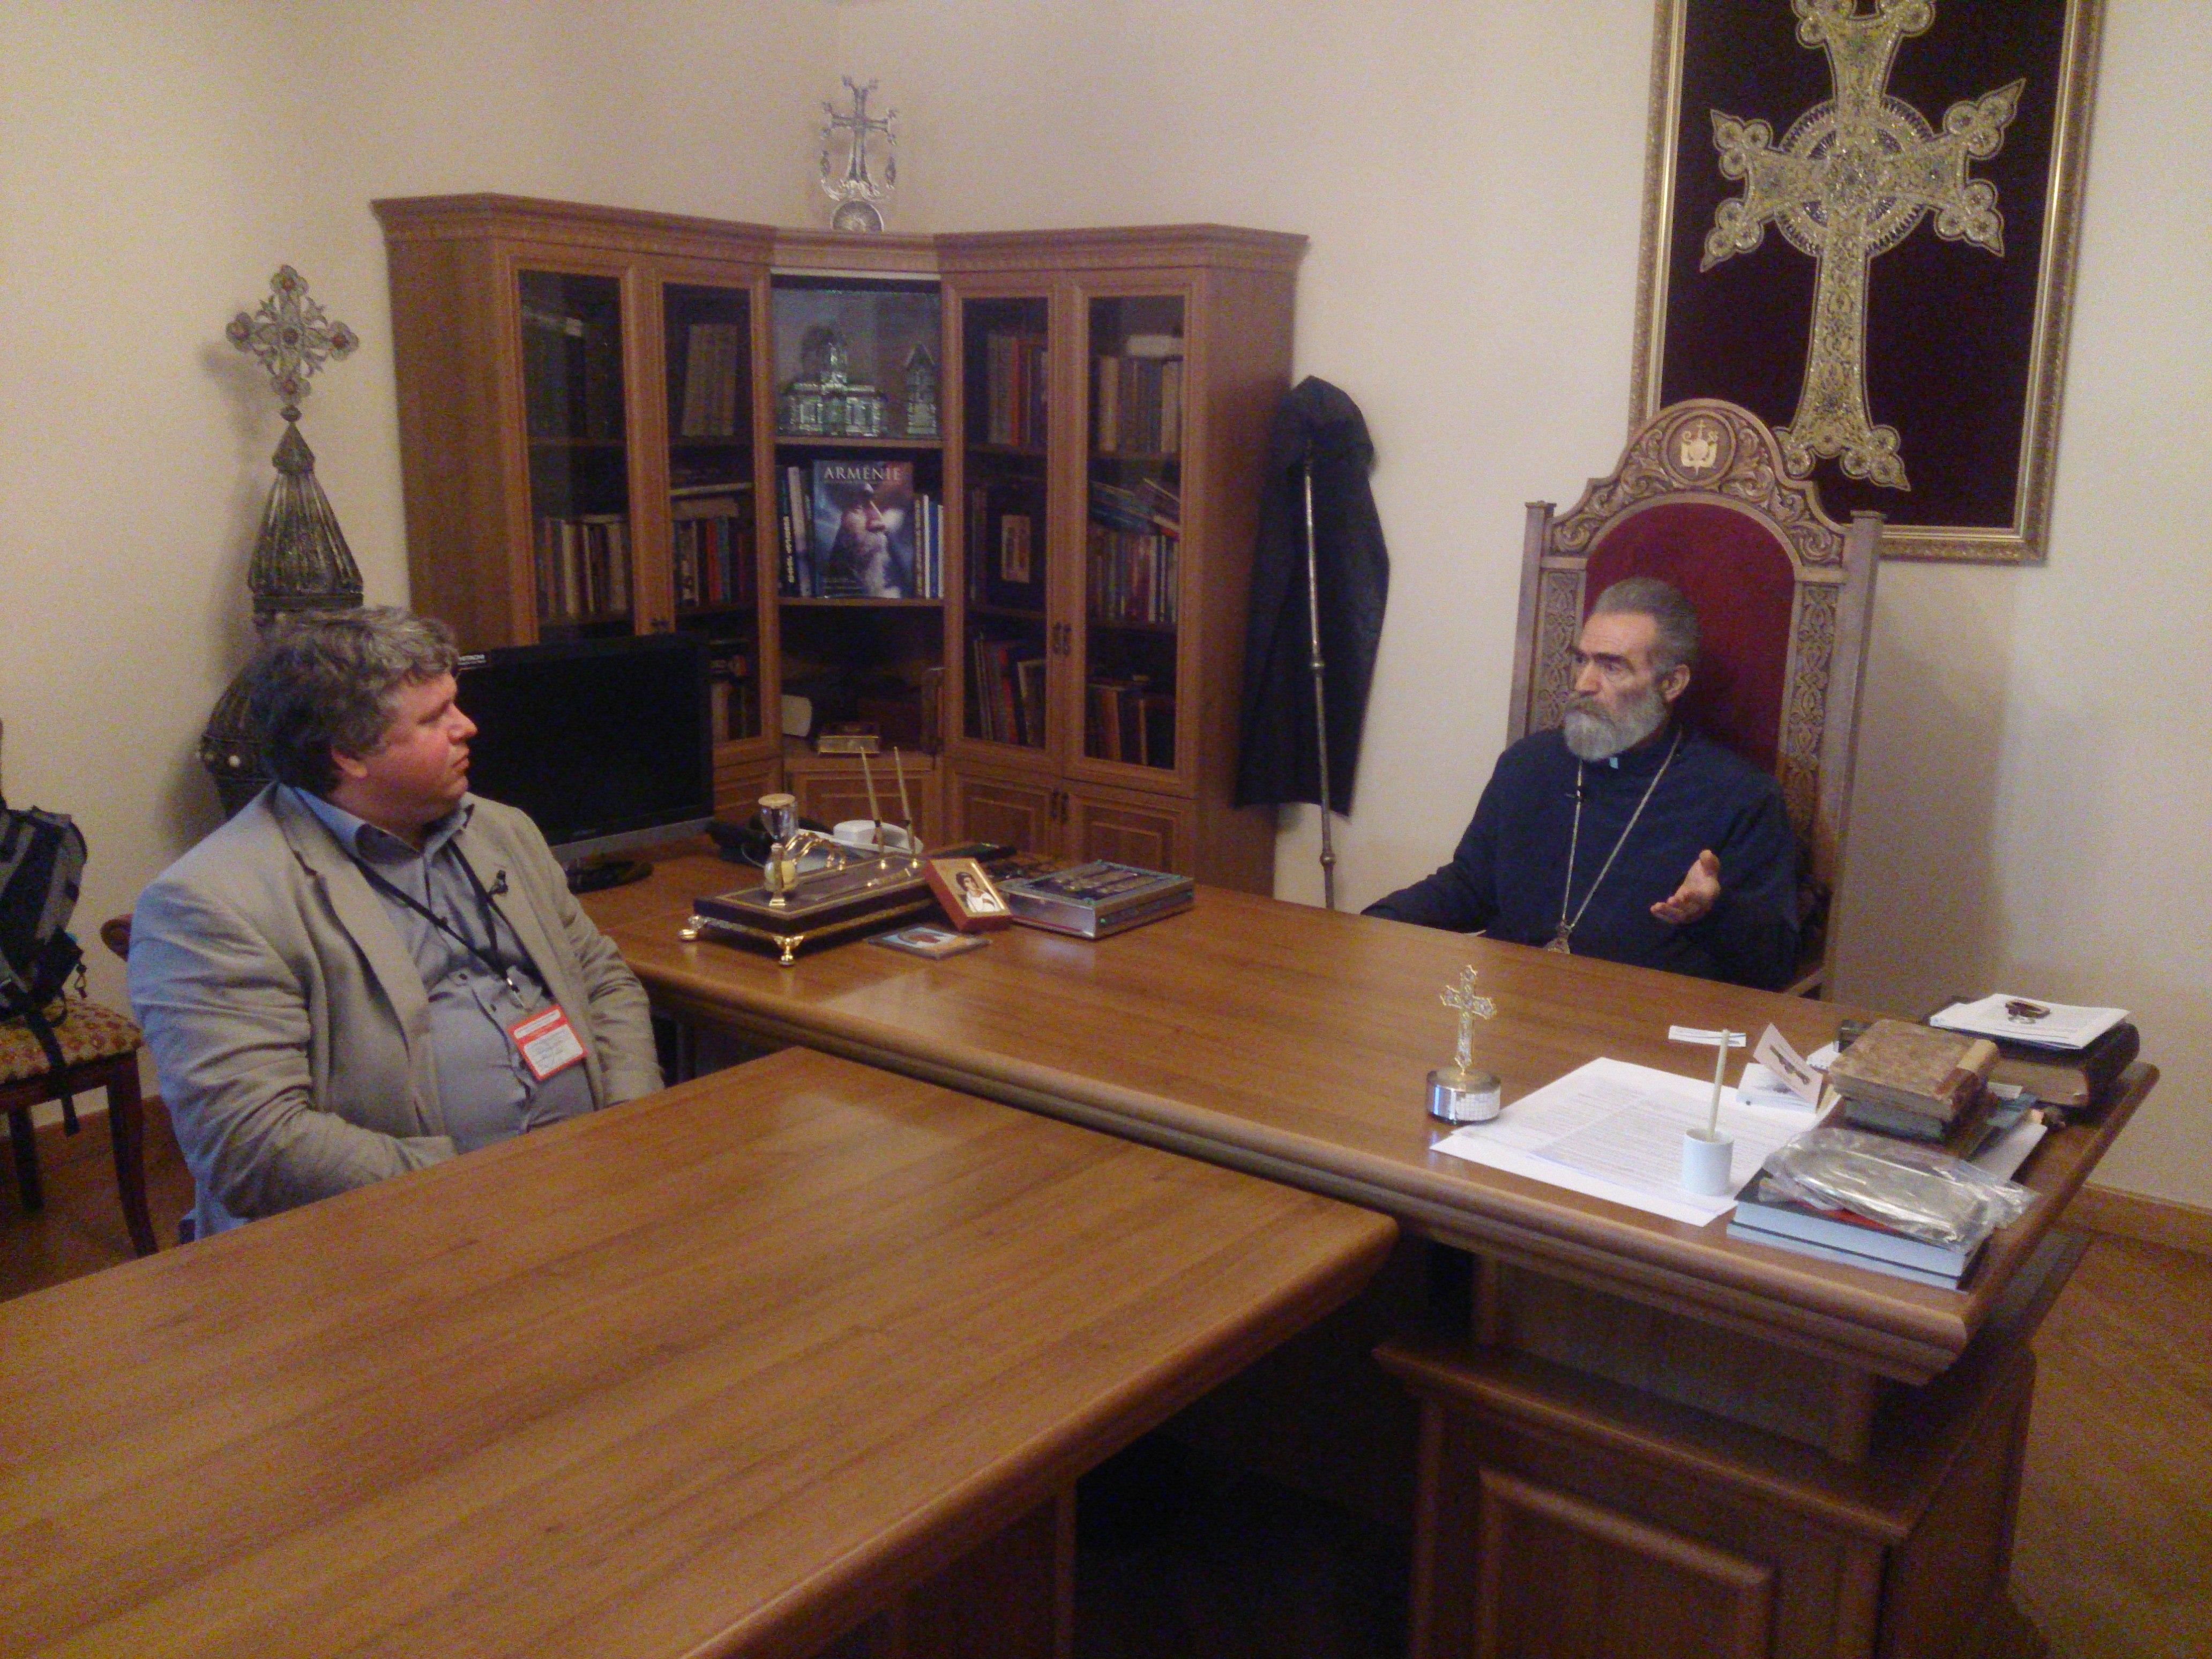 Архиепископ Паргев: после канонизации 1,5 миллионов новомучеников – жертв Геноцида армян в мире сдвинутся большие пласты